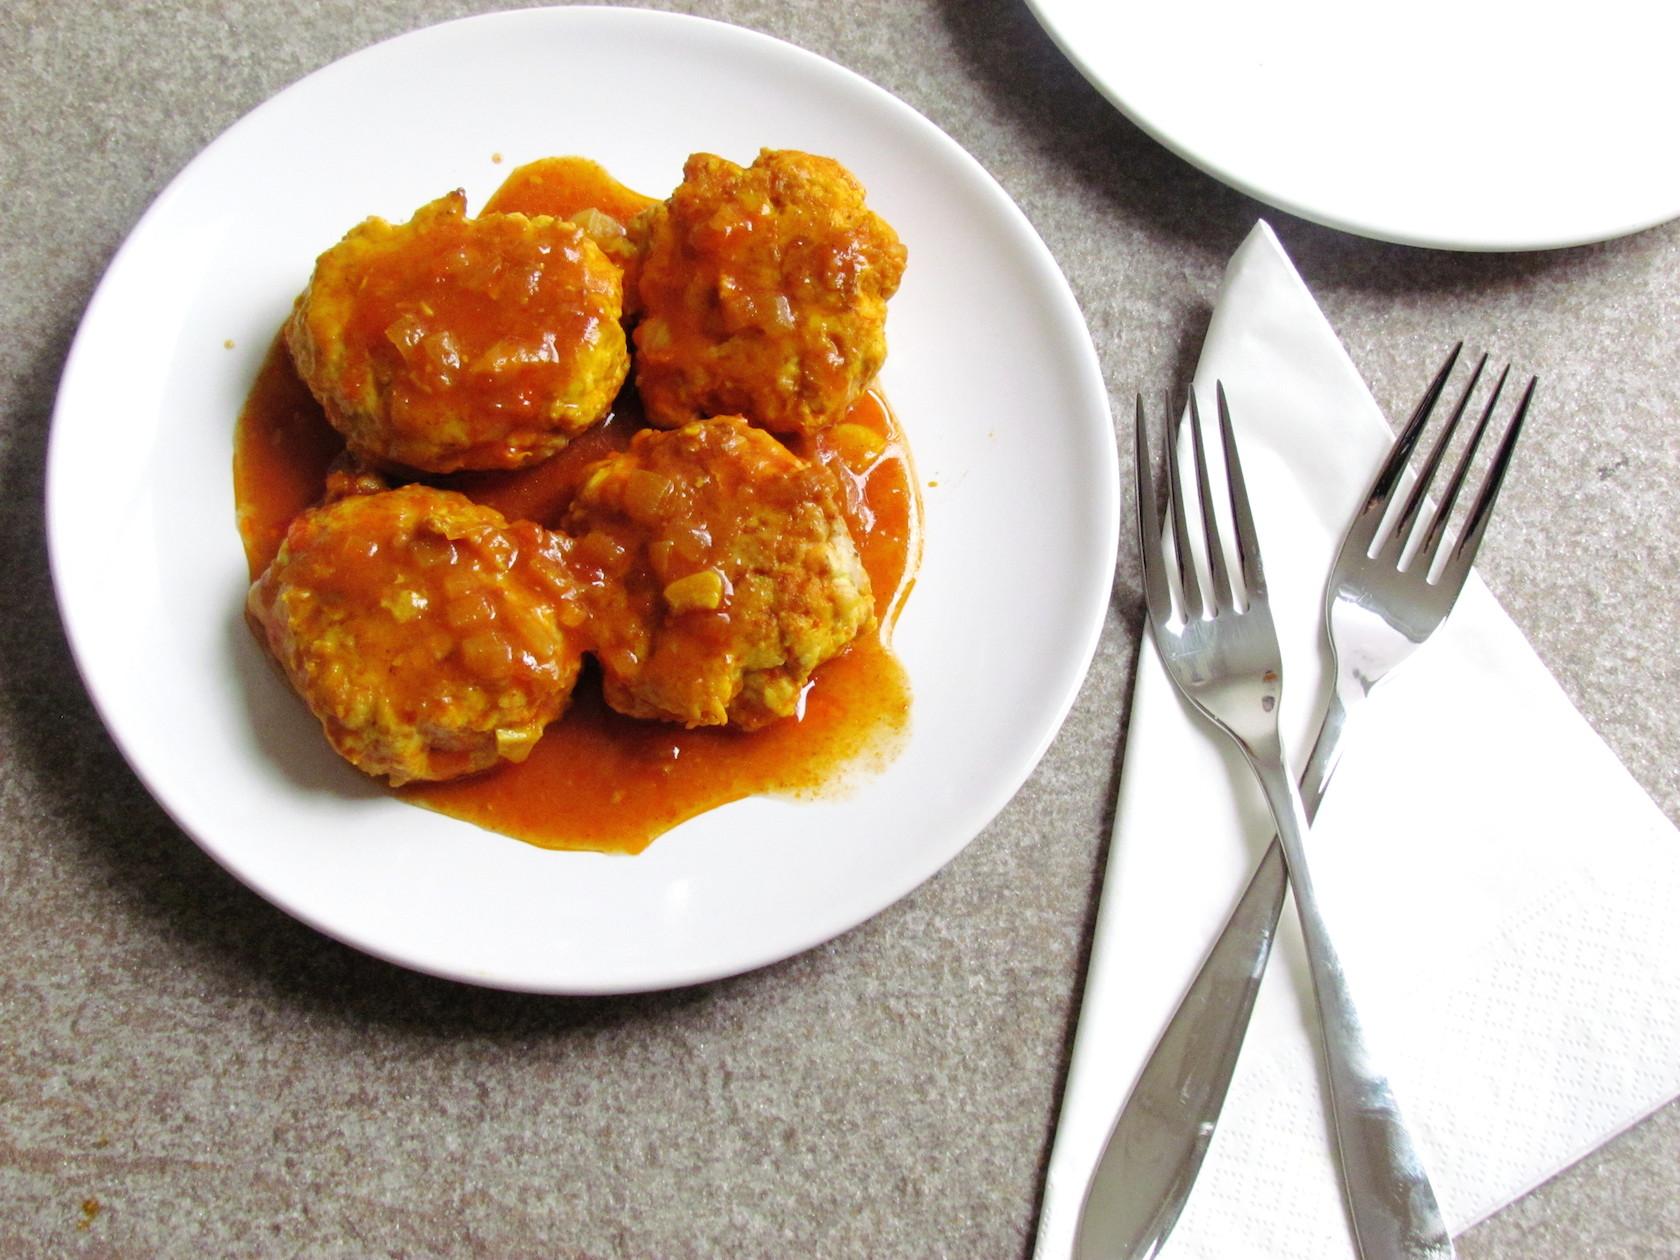 galettes de poulet à la sauce tomate | www.savormania.com